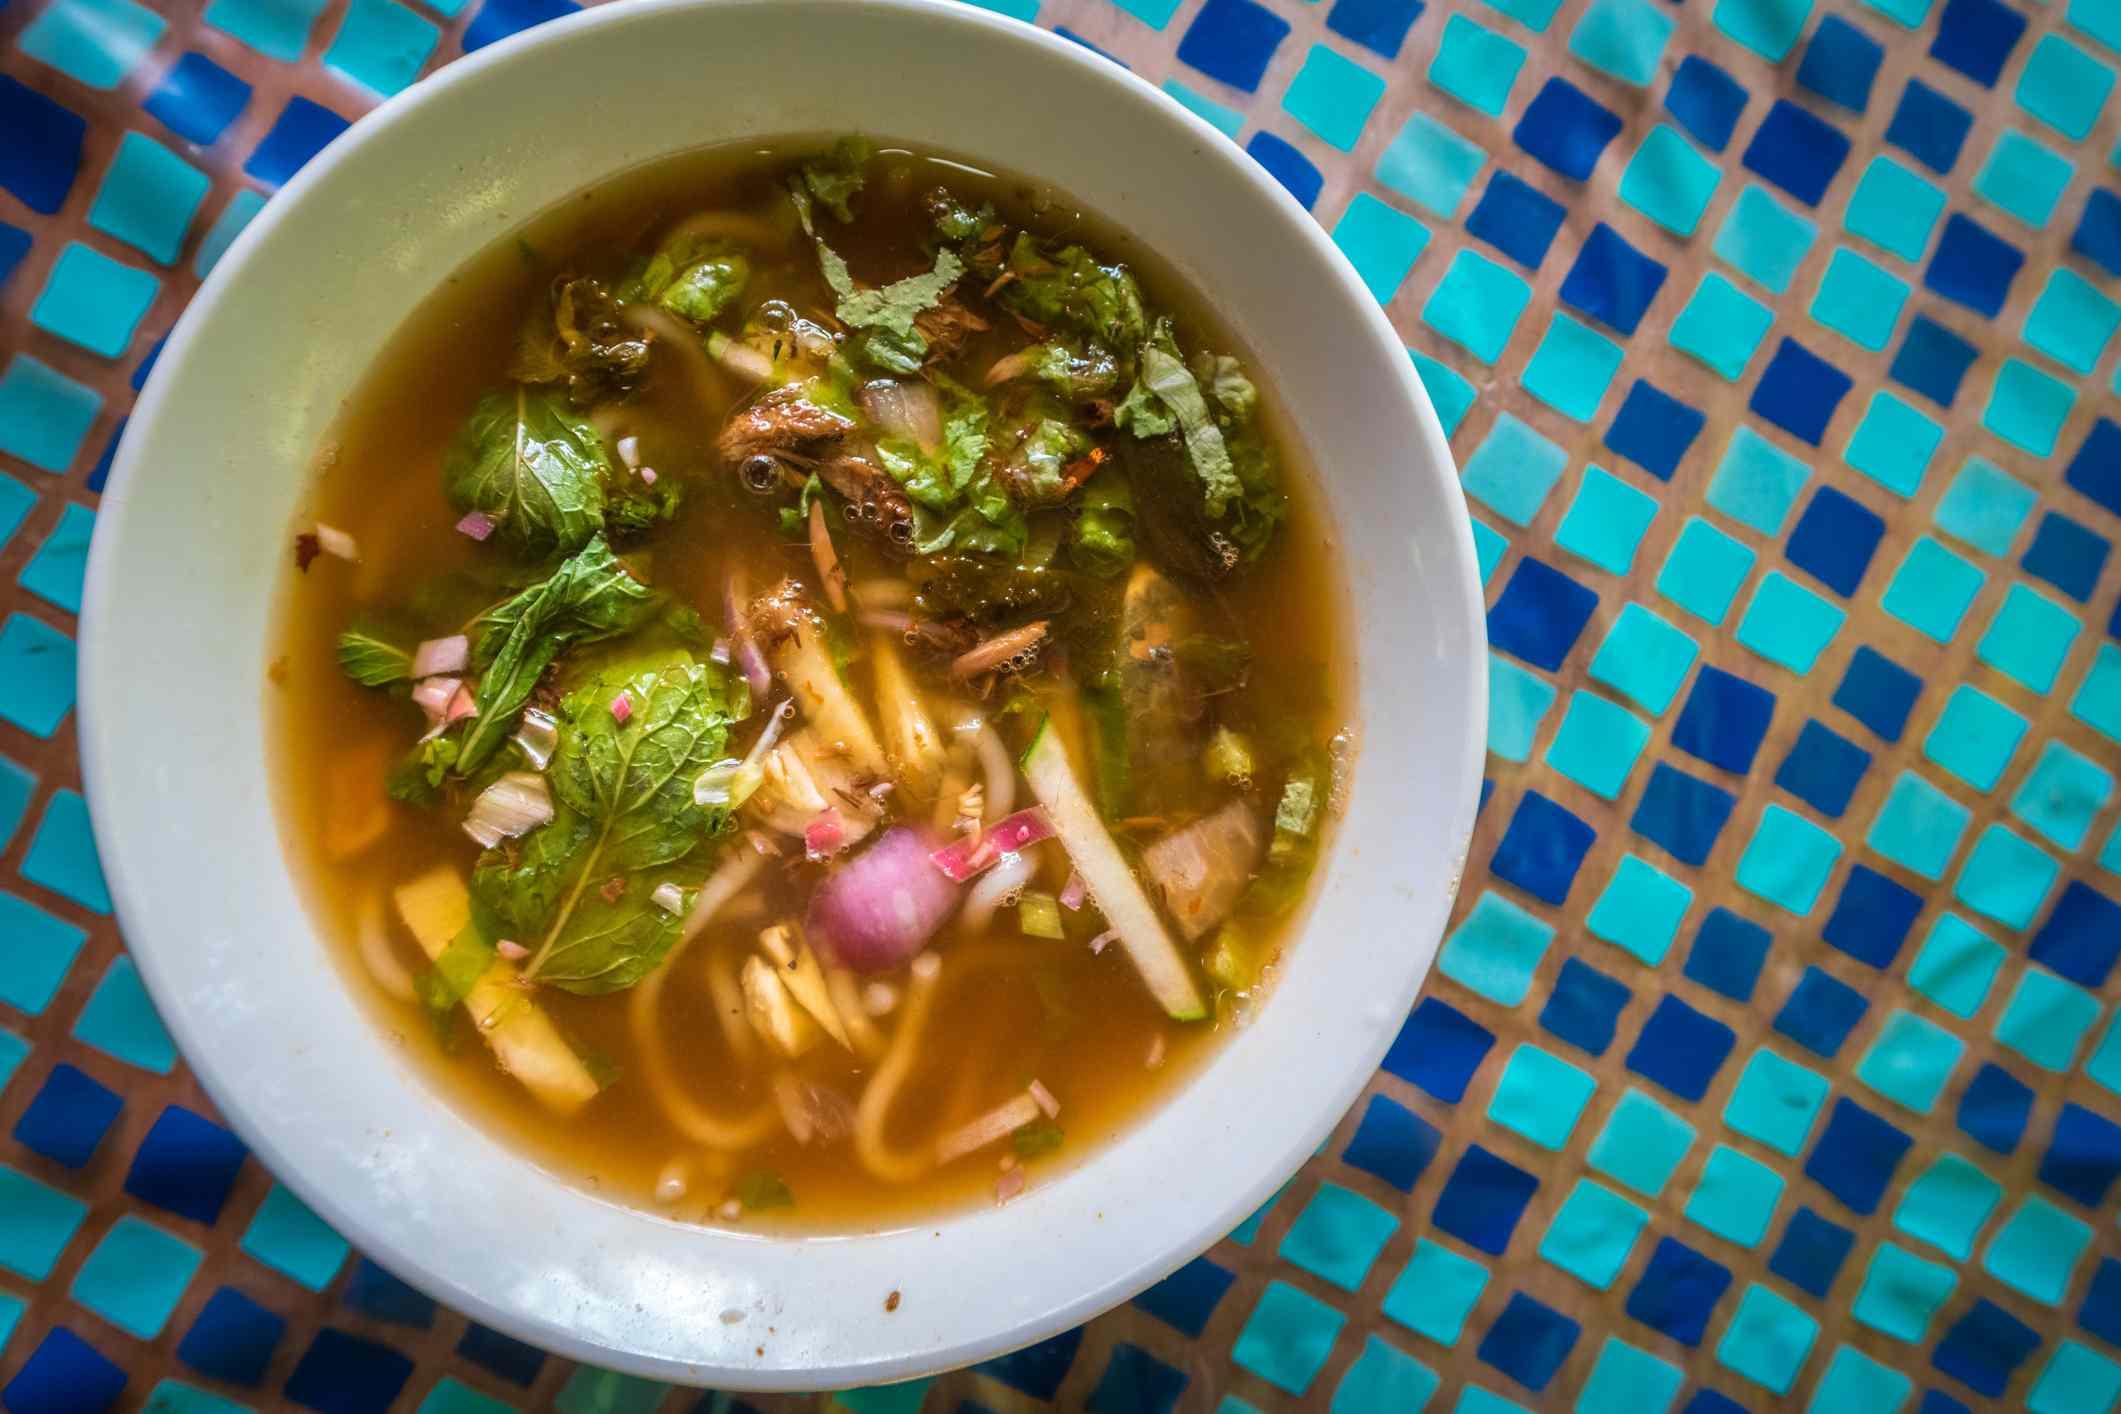 A bowl of Asam or Penang laksa